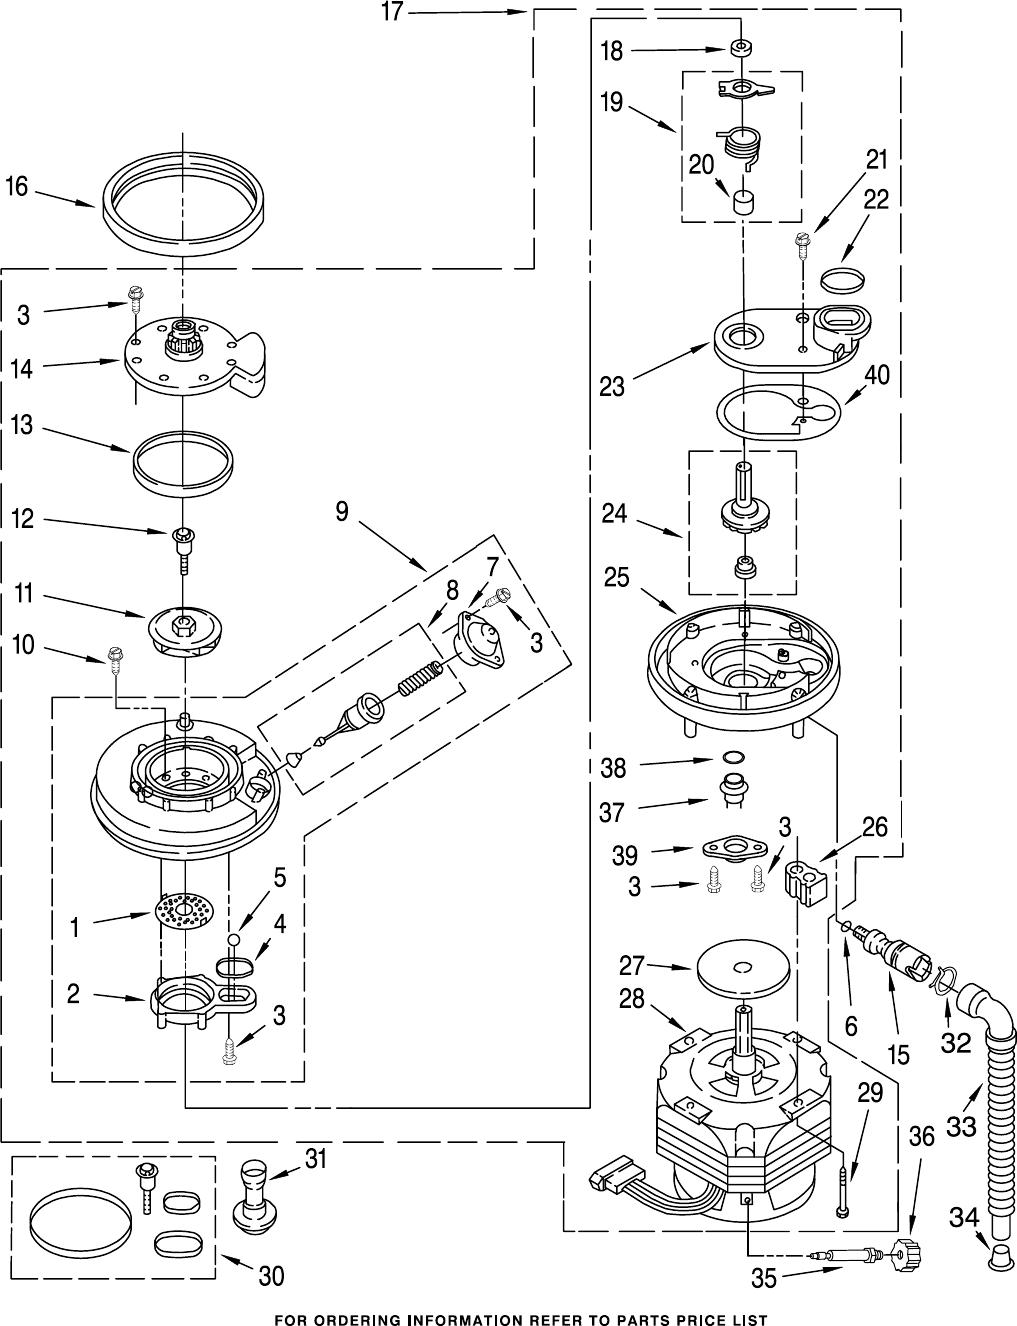 Whirlpool Dishwasher Du915Qwdb1 Users Manual